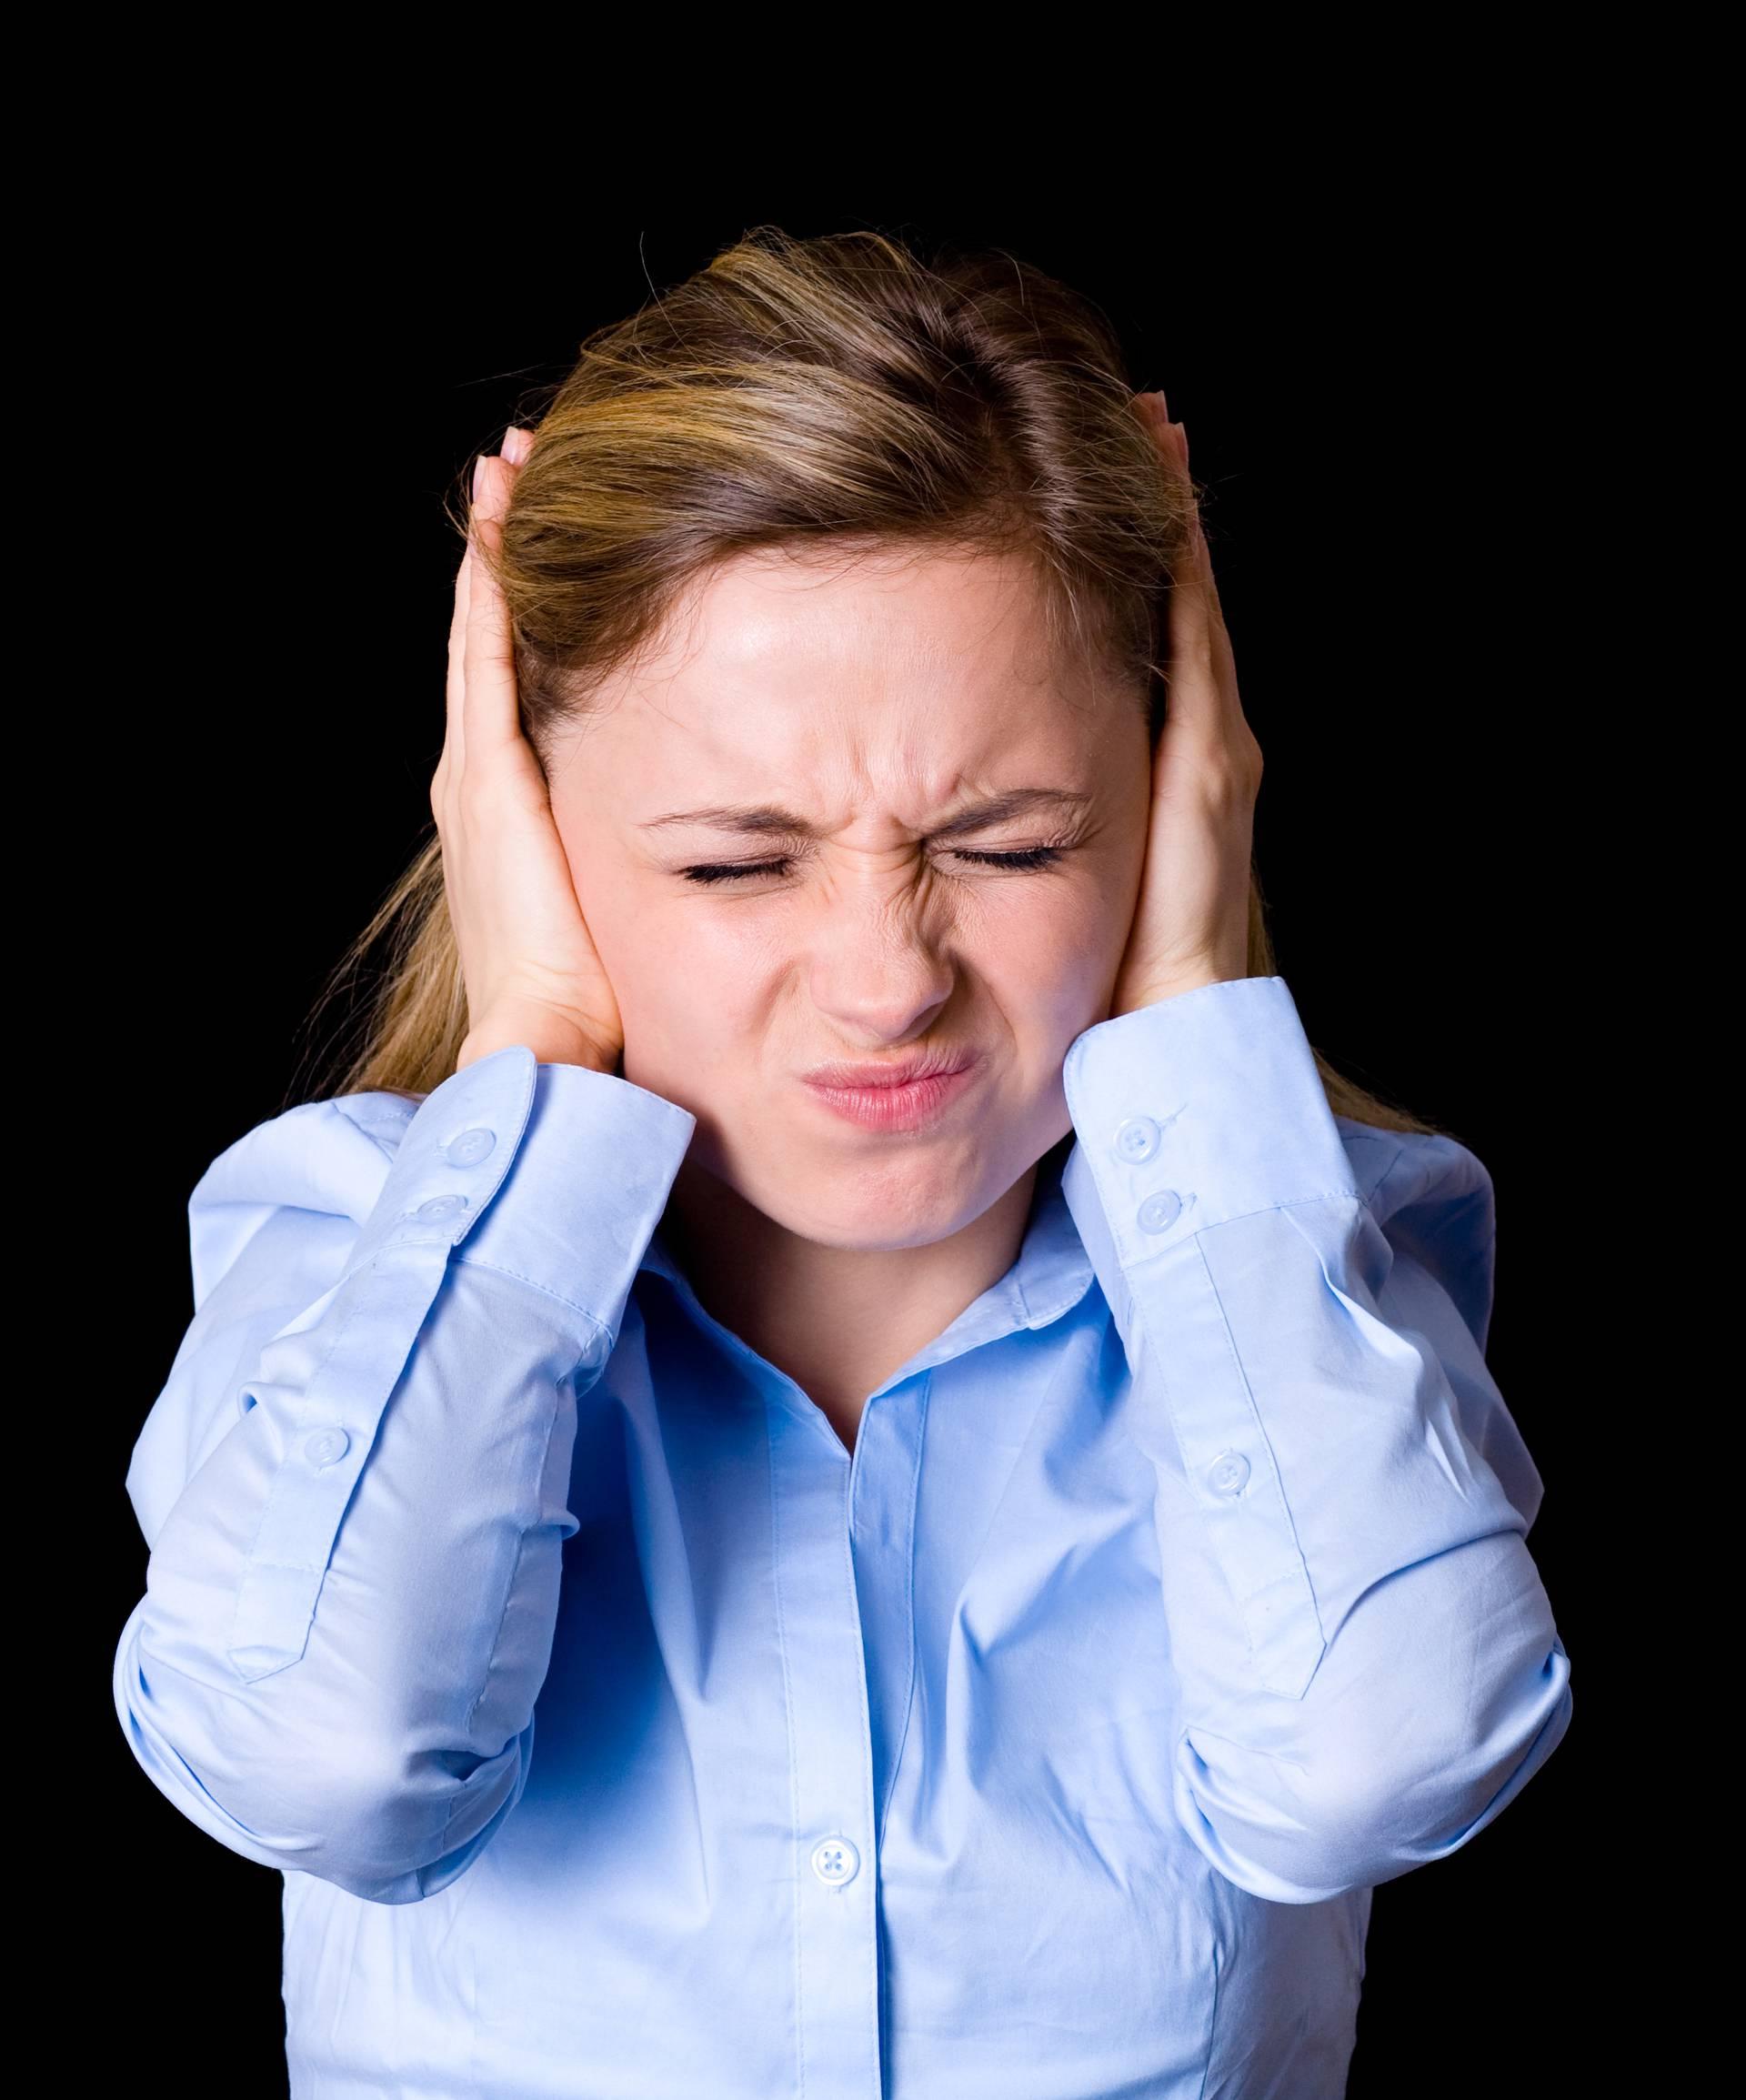 Simptom sa sto lica: Šumi vam u uhu? Ne pretjerujte s kavom!